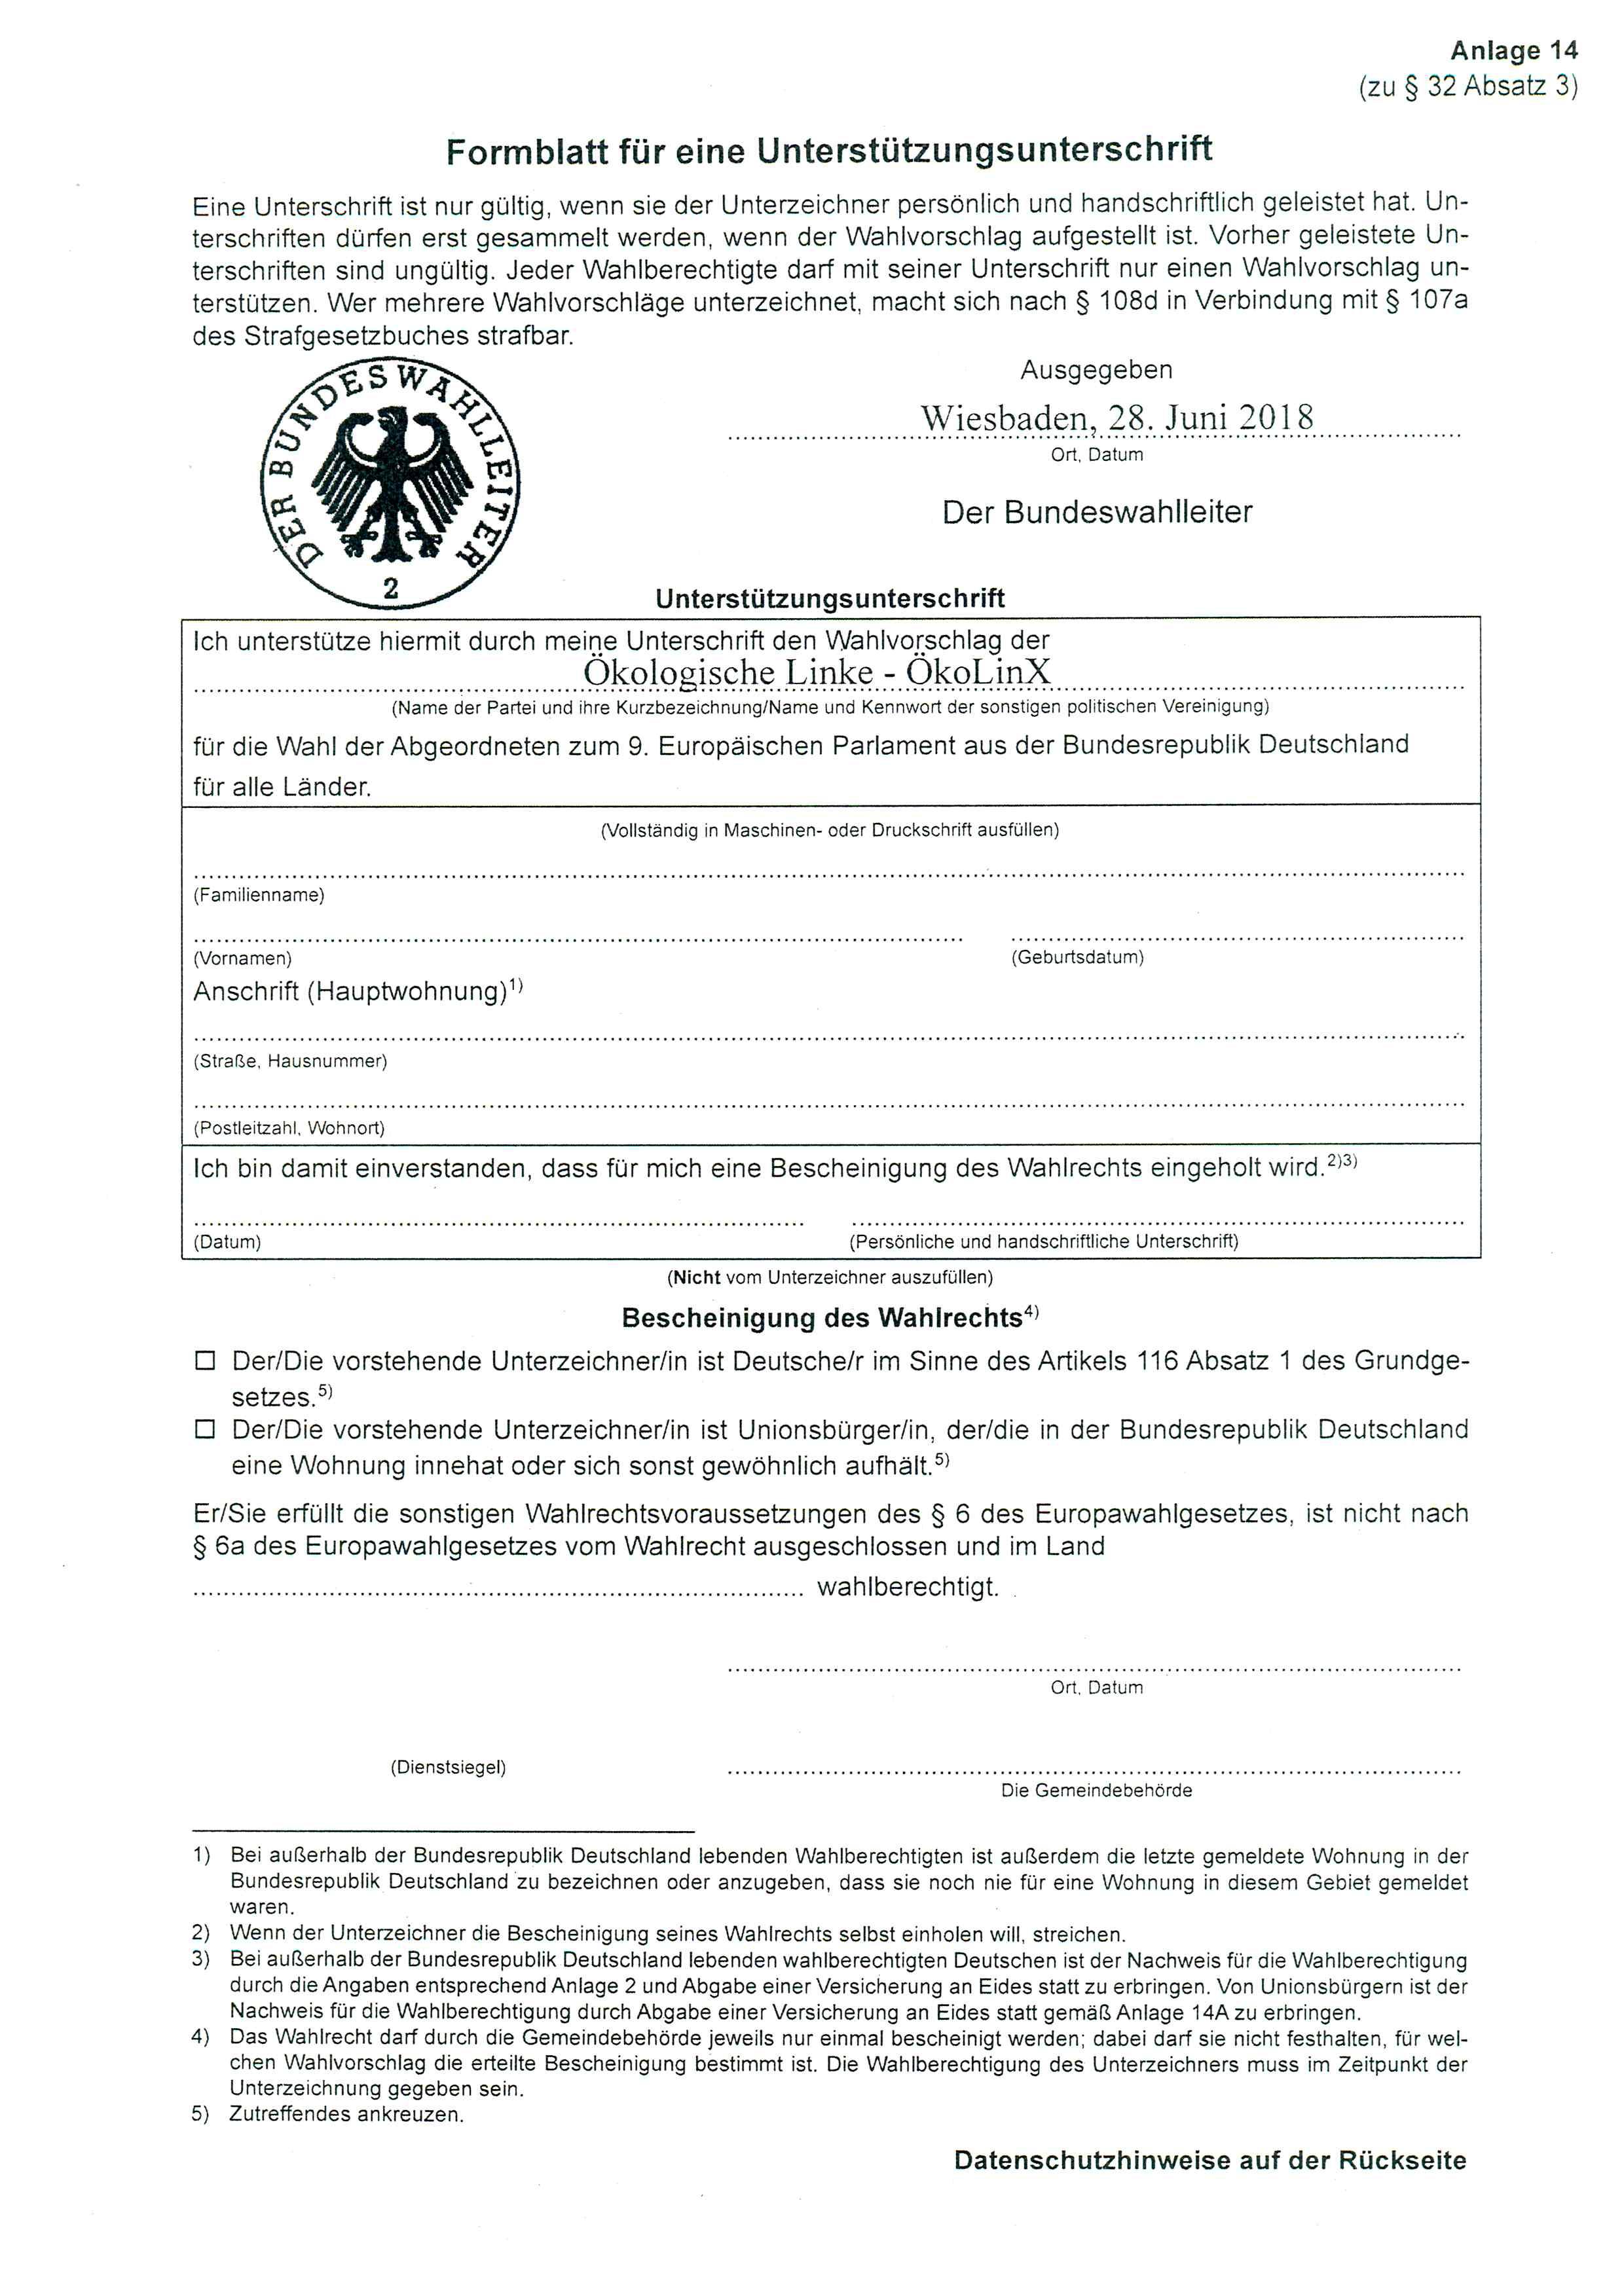 Europawahl 2019 – 4000 Unterstützungsunterschriften gesucht!  Formular für eine Unterstützungsunterschrift Ökologische Linke, ÖkoLinX